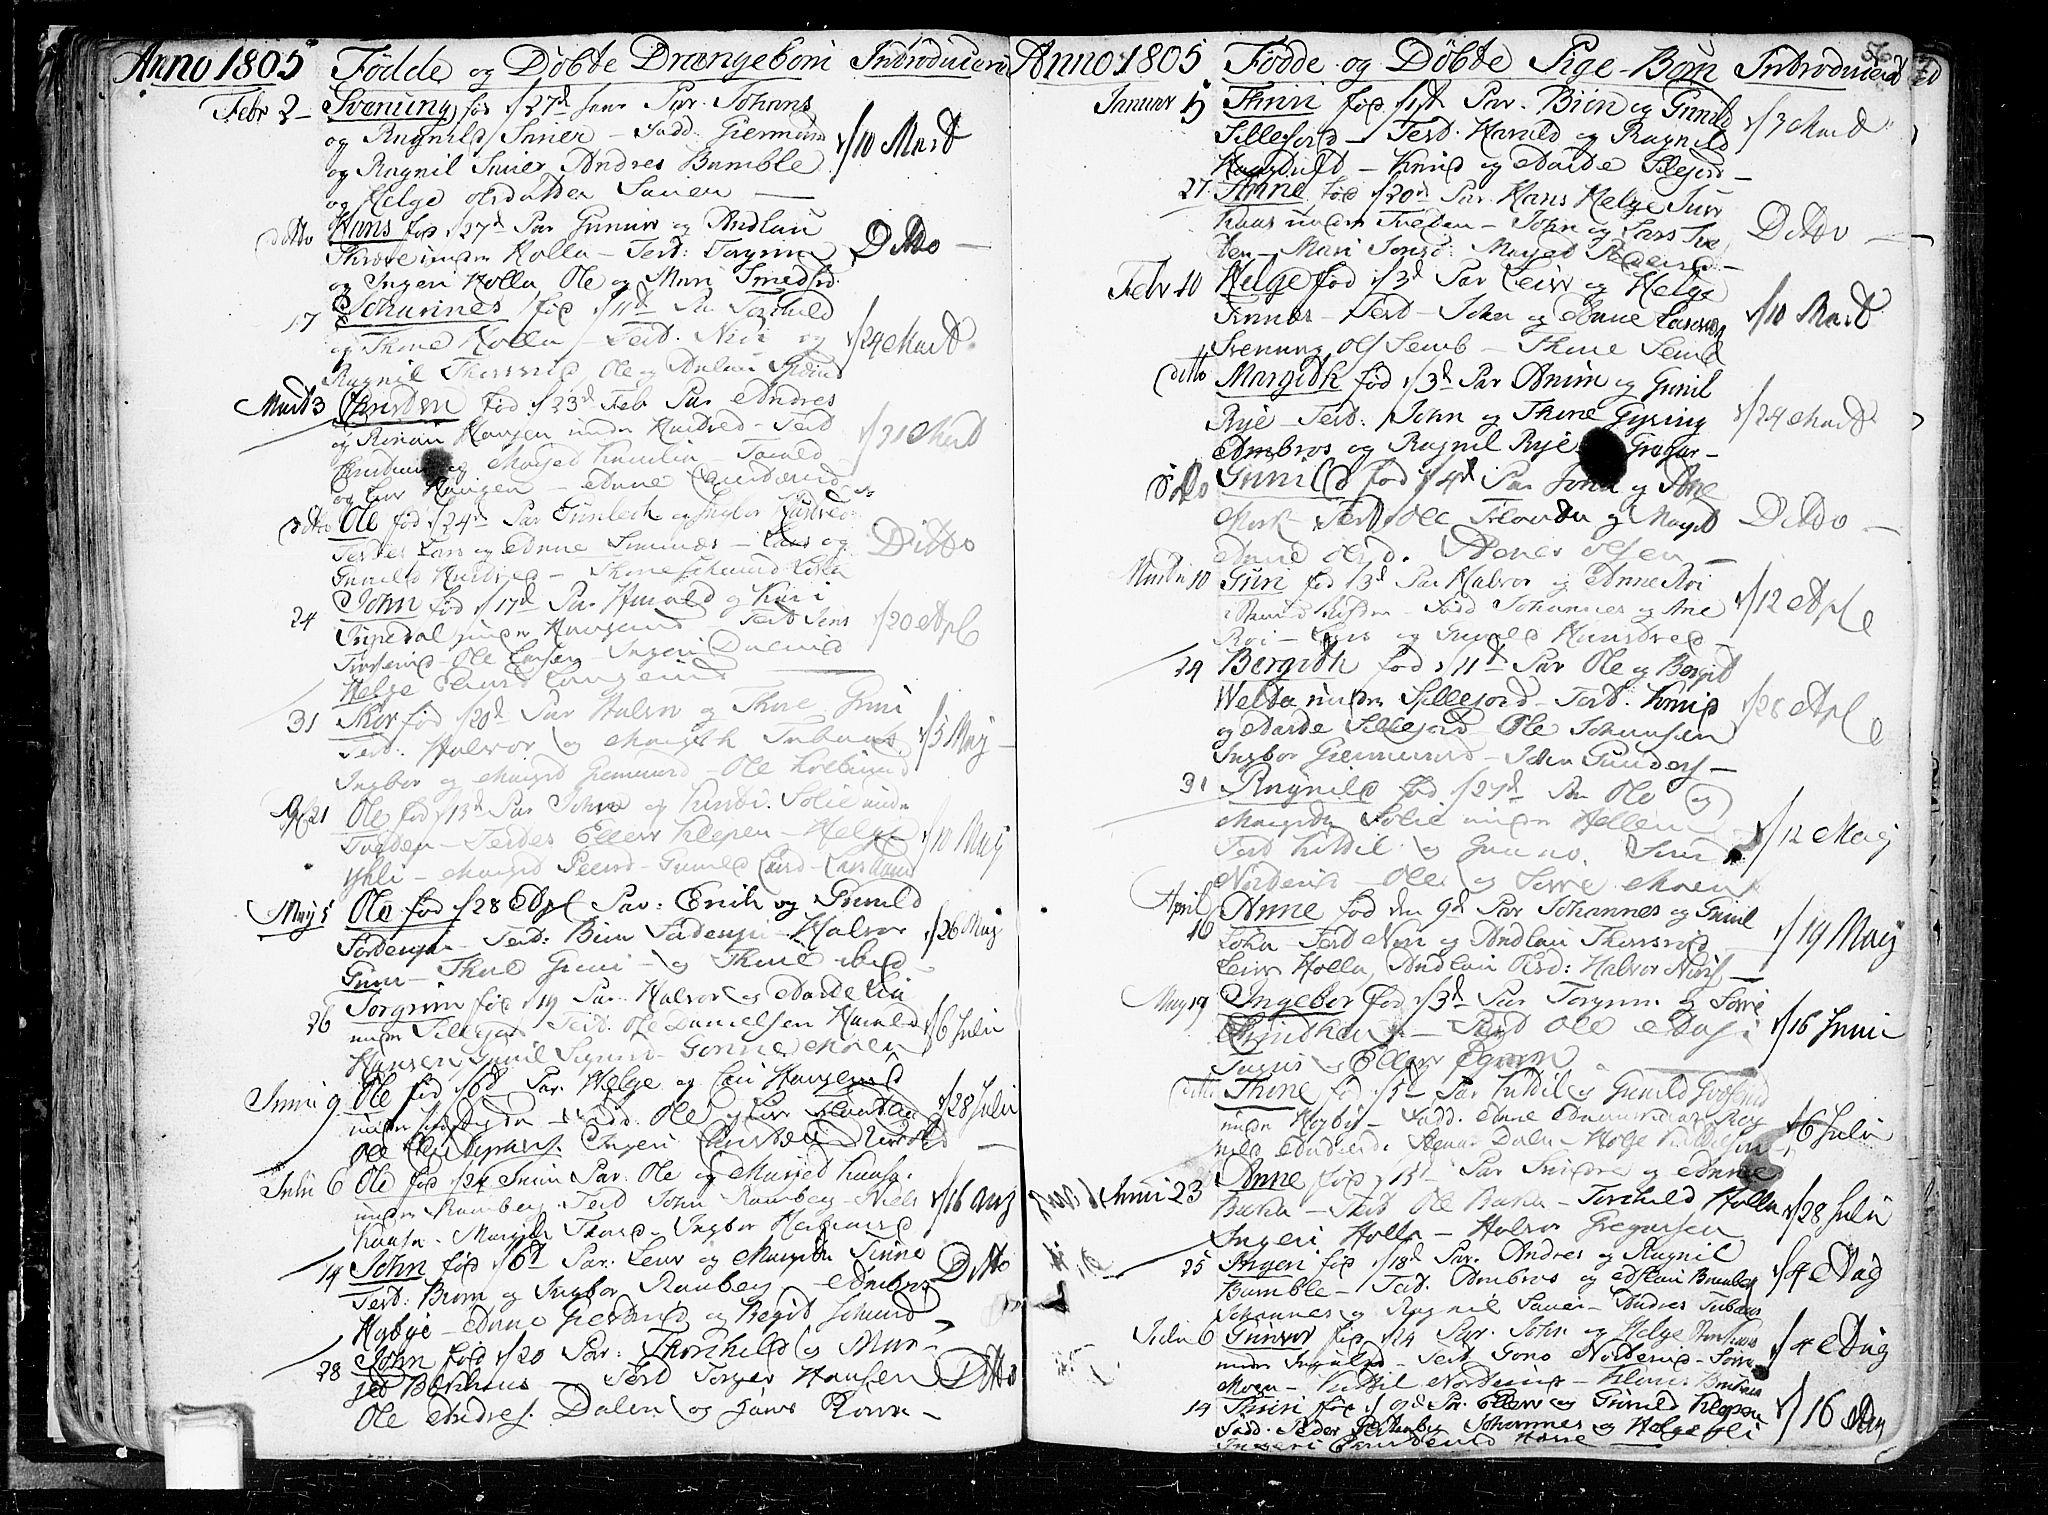 SAKO, Heddal kirkebøker, F/Fa/L0004: Ministerialbok nr. I 4, 1784-1814, s. 56